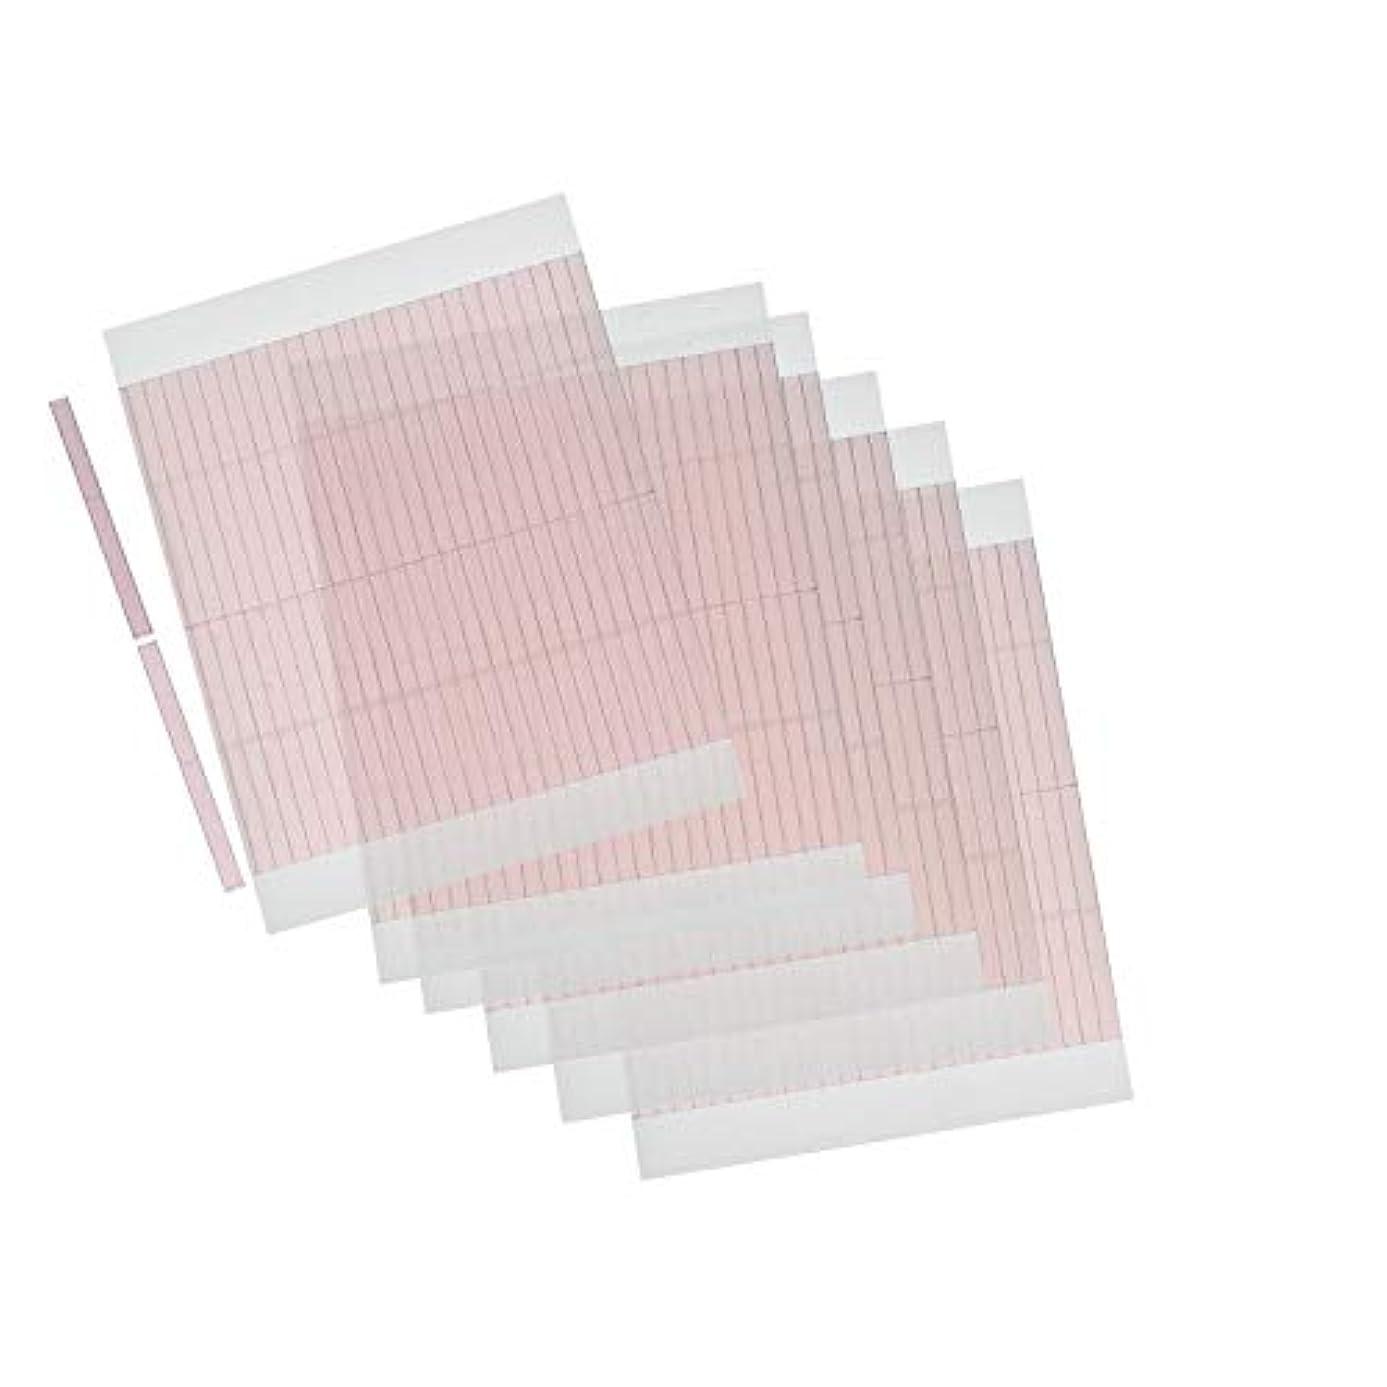 振る経済的レンジm.tivance アイテープ 二重瞼形成 二重テープ 5シートセット 260本入り/アイテープ5枚セット